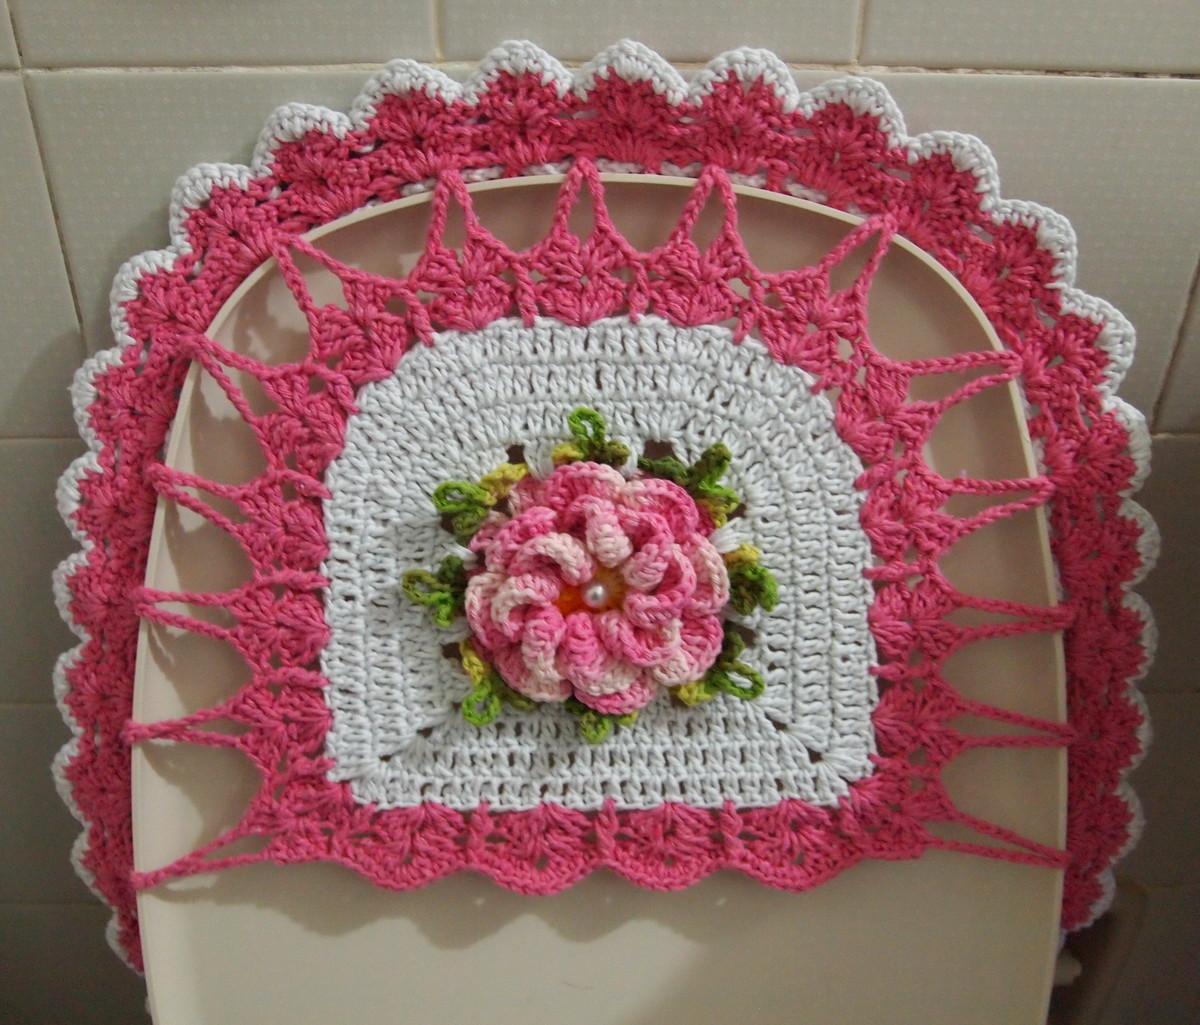 de banheiro rosa e branco babado duplo jogo de banheiro rosa e branco  #9B3047 1200x1025 Banheiro Branco E Rosa